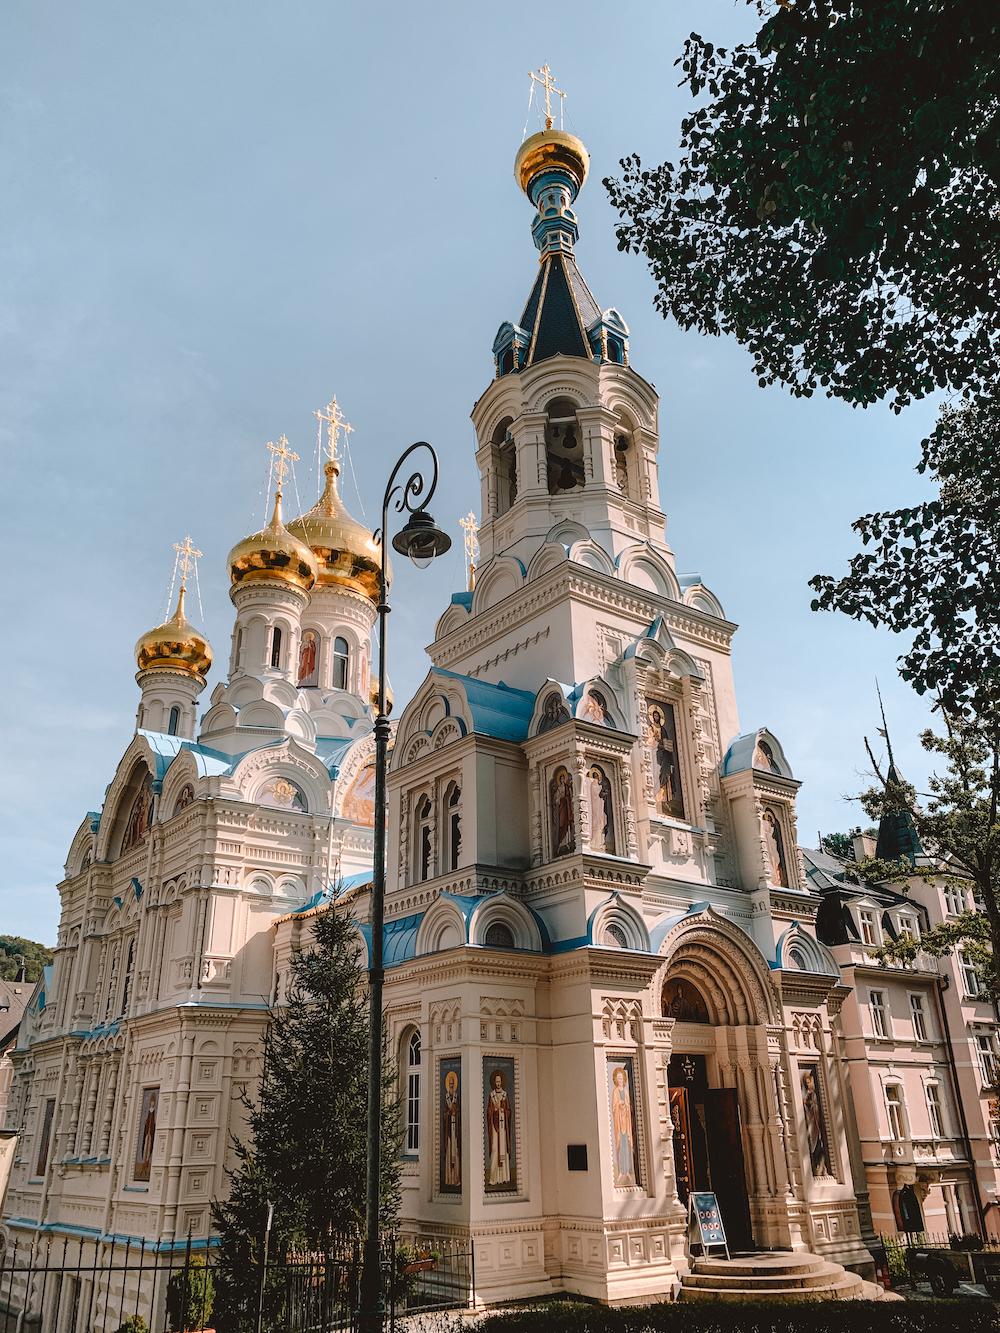 De orthodoxe kerk van Karlovy Vary